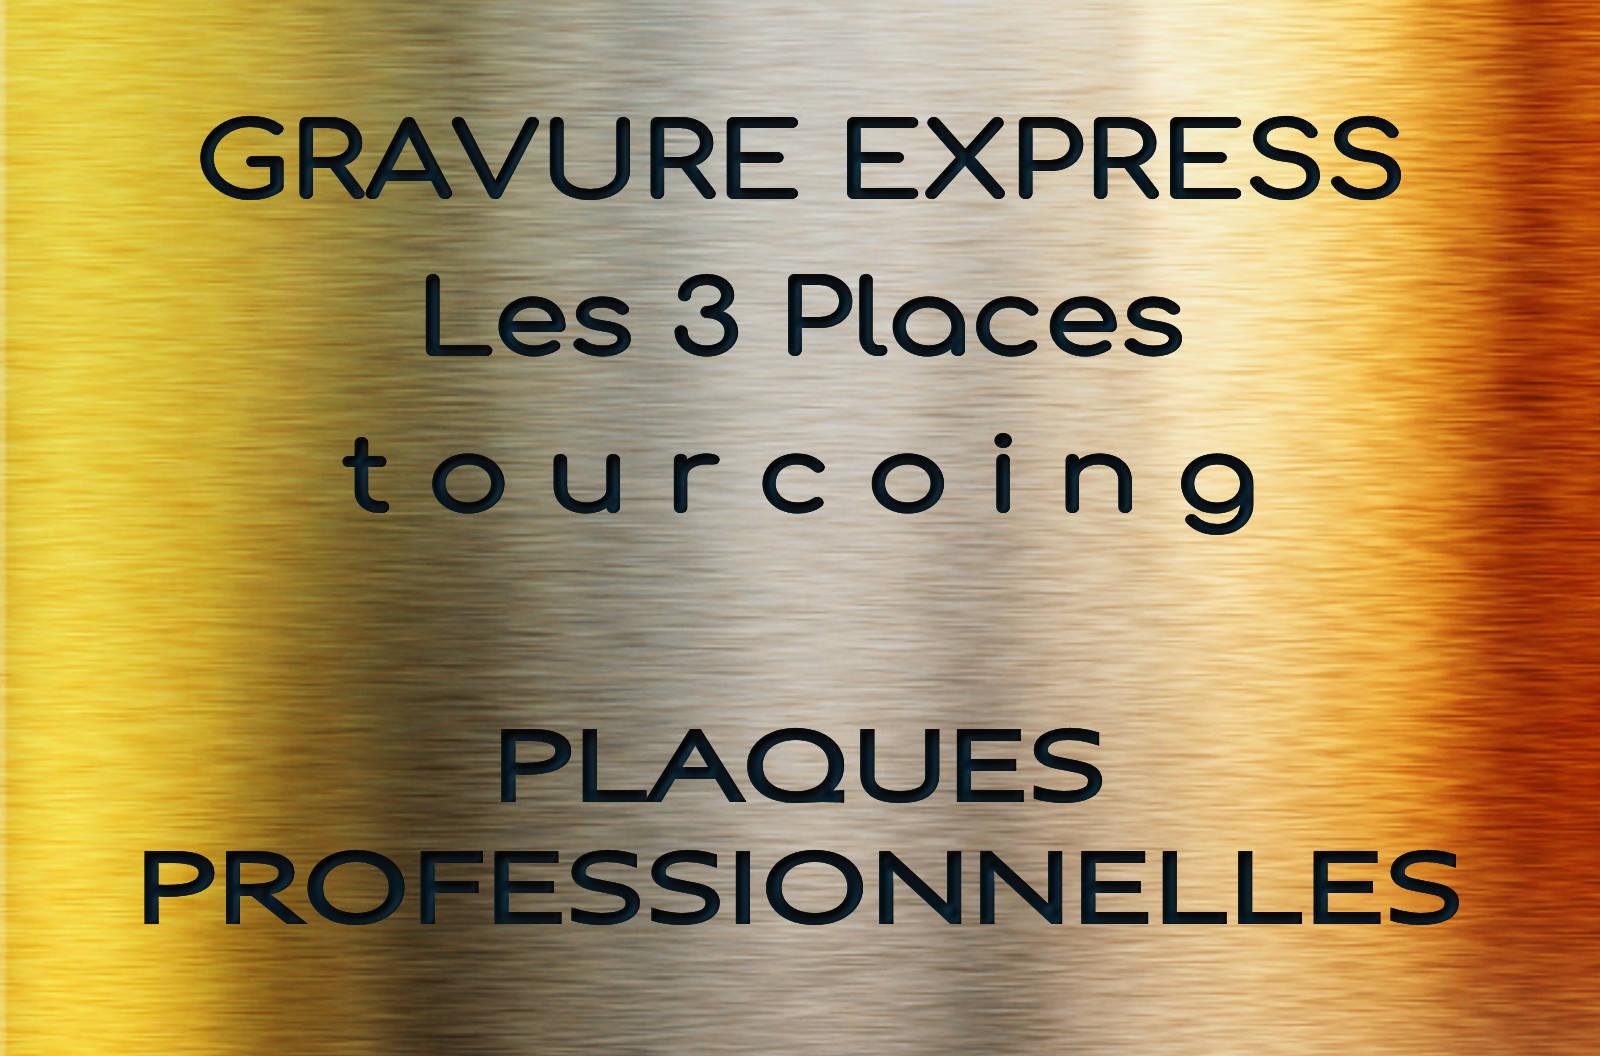 """Tourcoing """"Les 3 Places"""" - Gravure Plaques Professionnelles"""